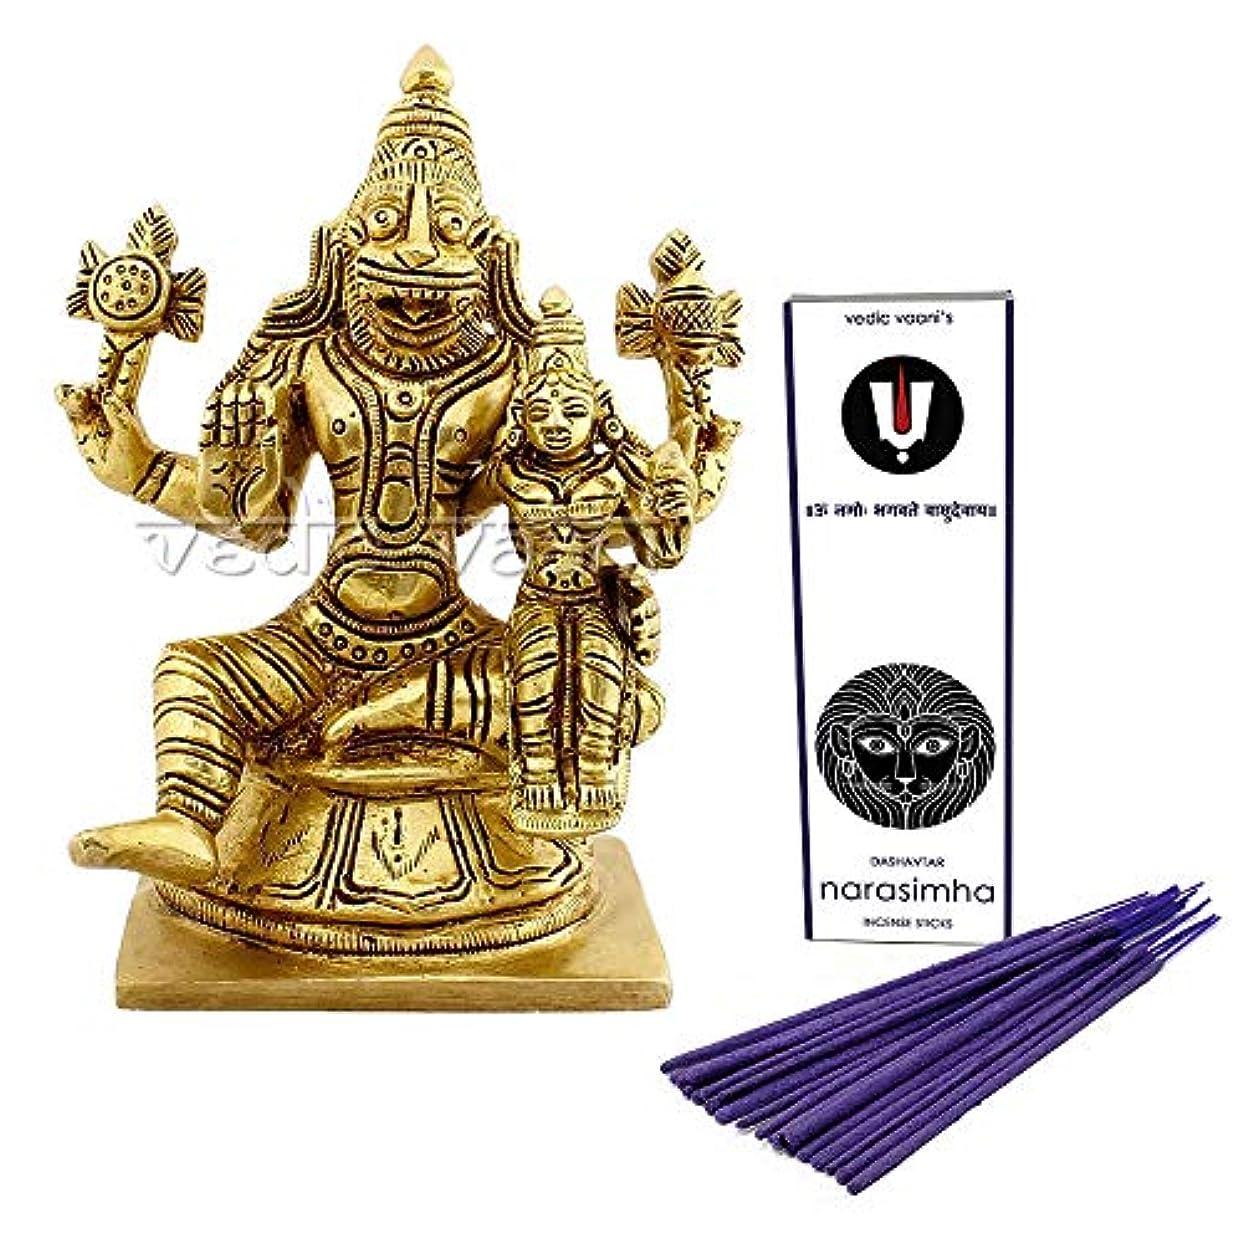 うま男性無秩序ヴェディック Vaani Sri Lakshmi Narasimha Swamy Murti Narasimha お香スティック